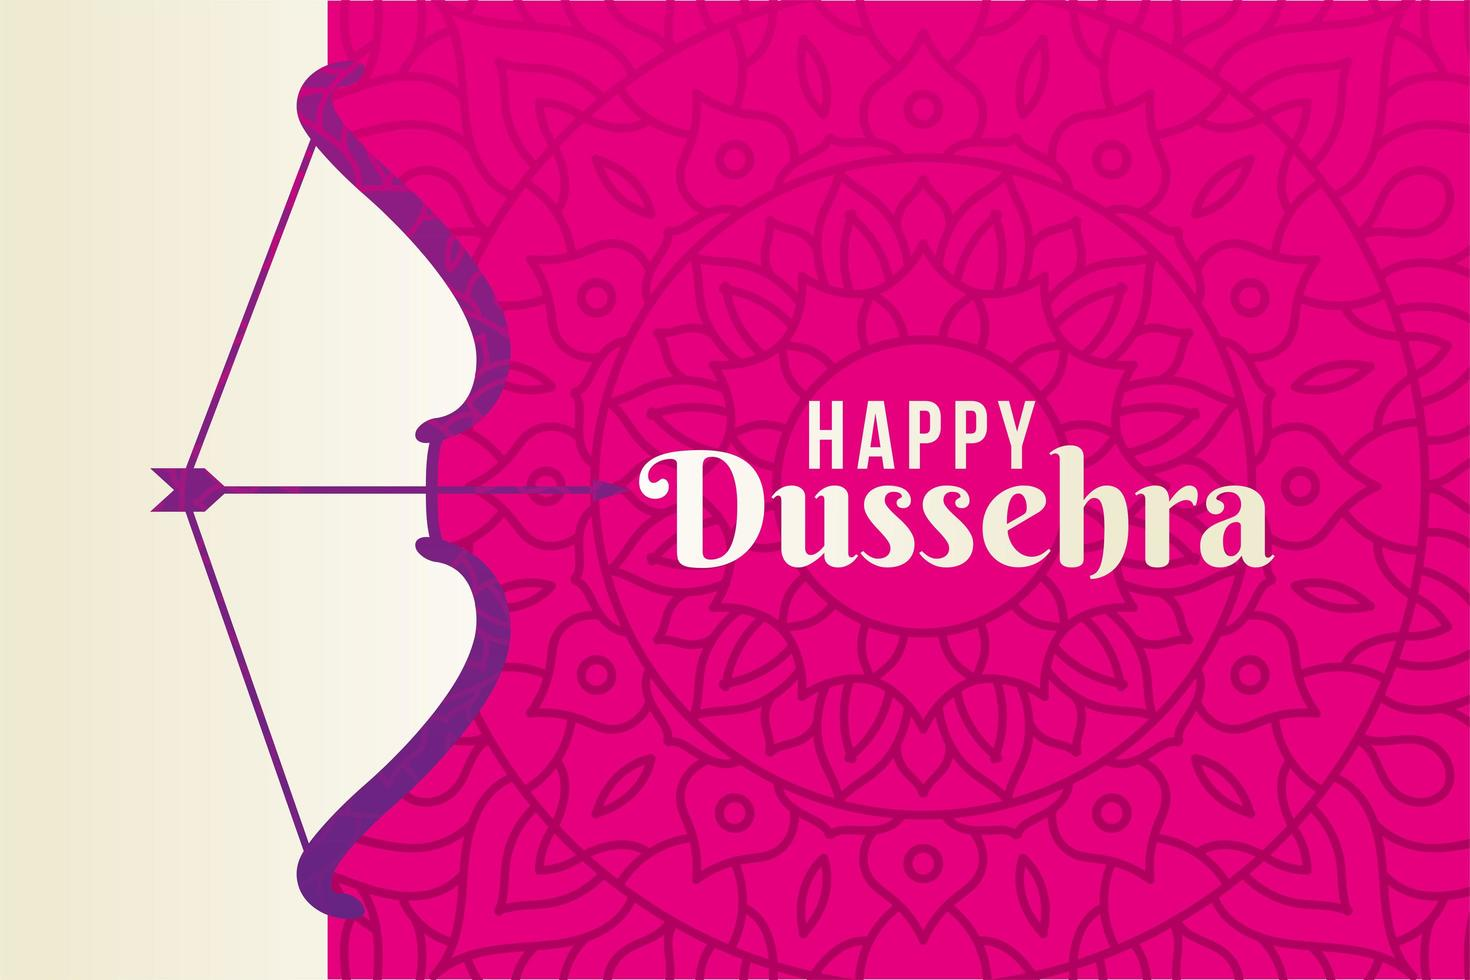 dussehra feliz e arco com flecha no desenho de vetor de fundo rosa mandala